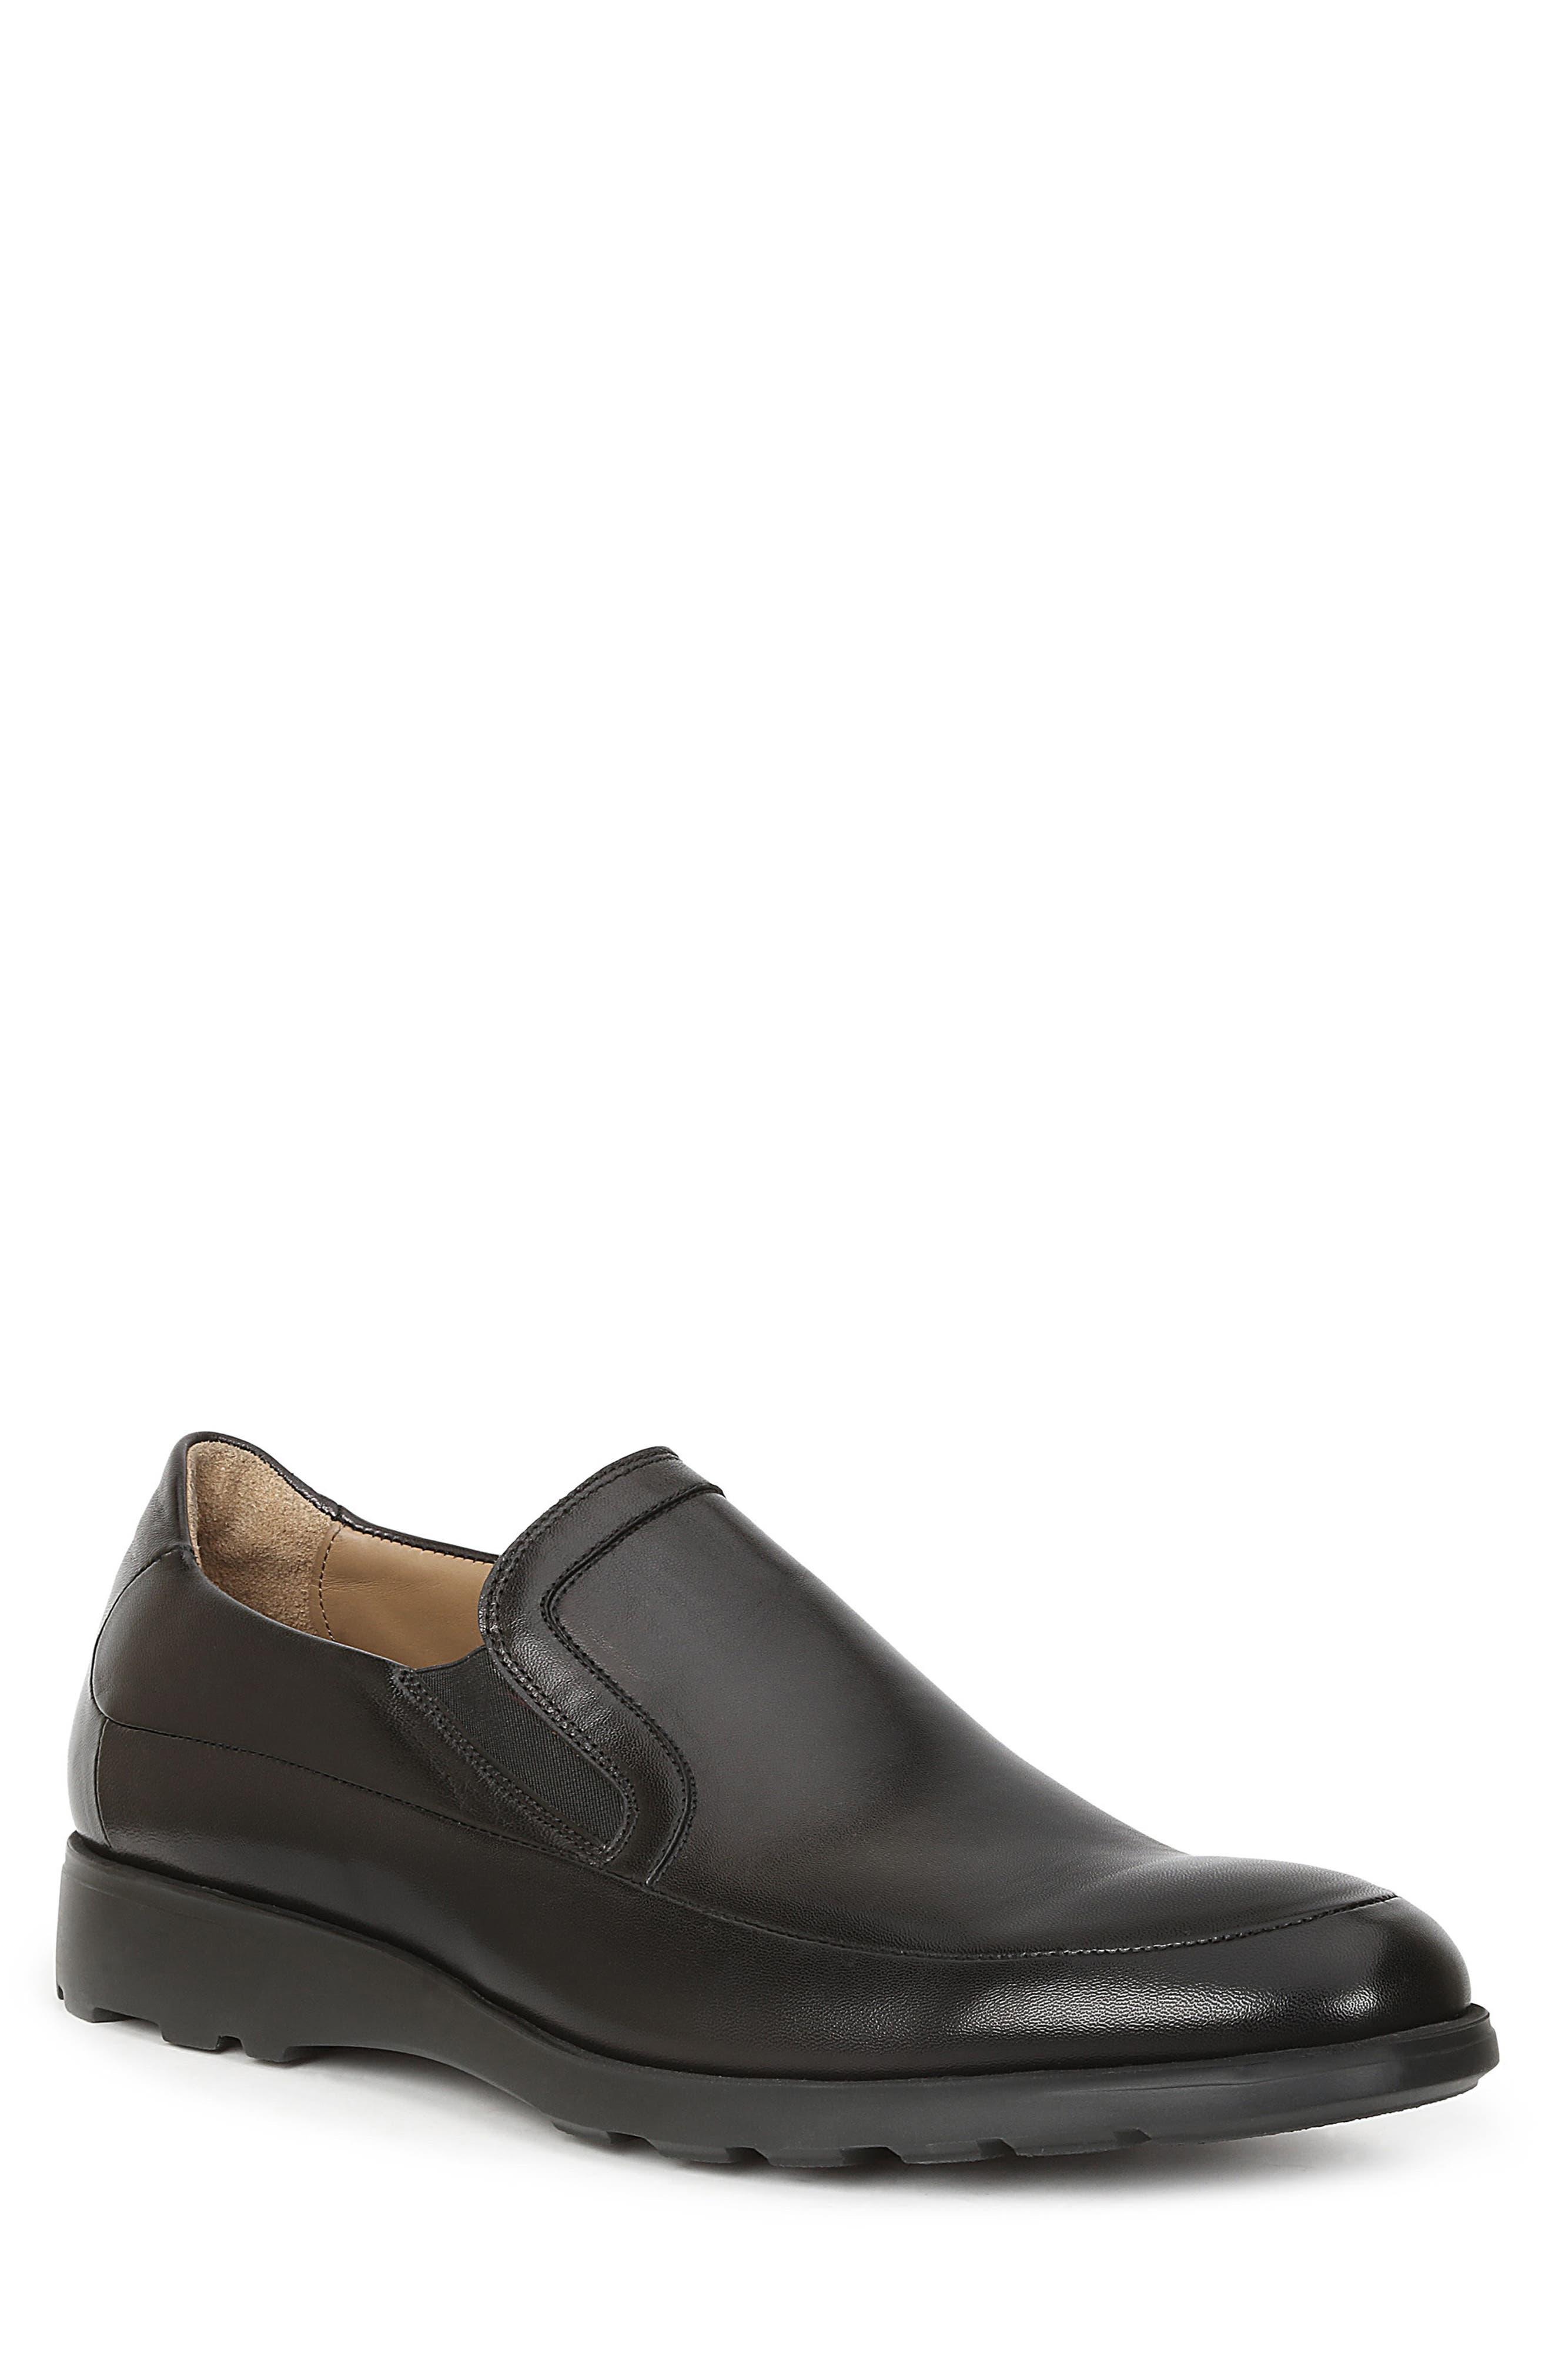 Vegas Apron Toe Loafer,                             Main thumbnail 1, color,                             Black Leather